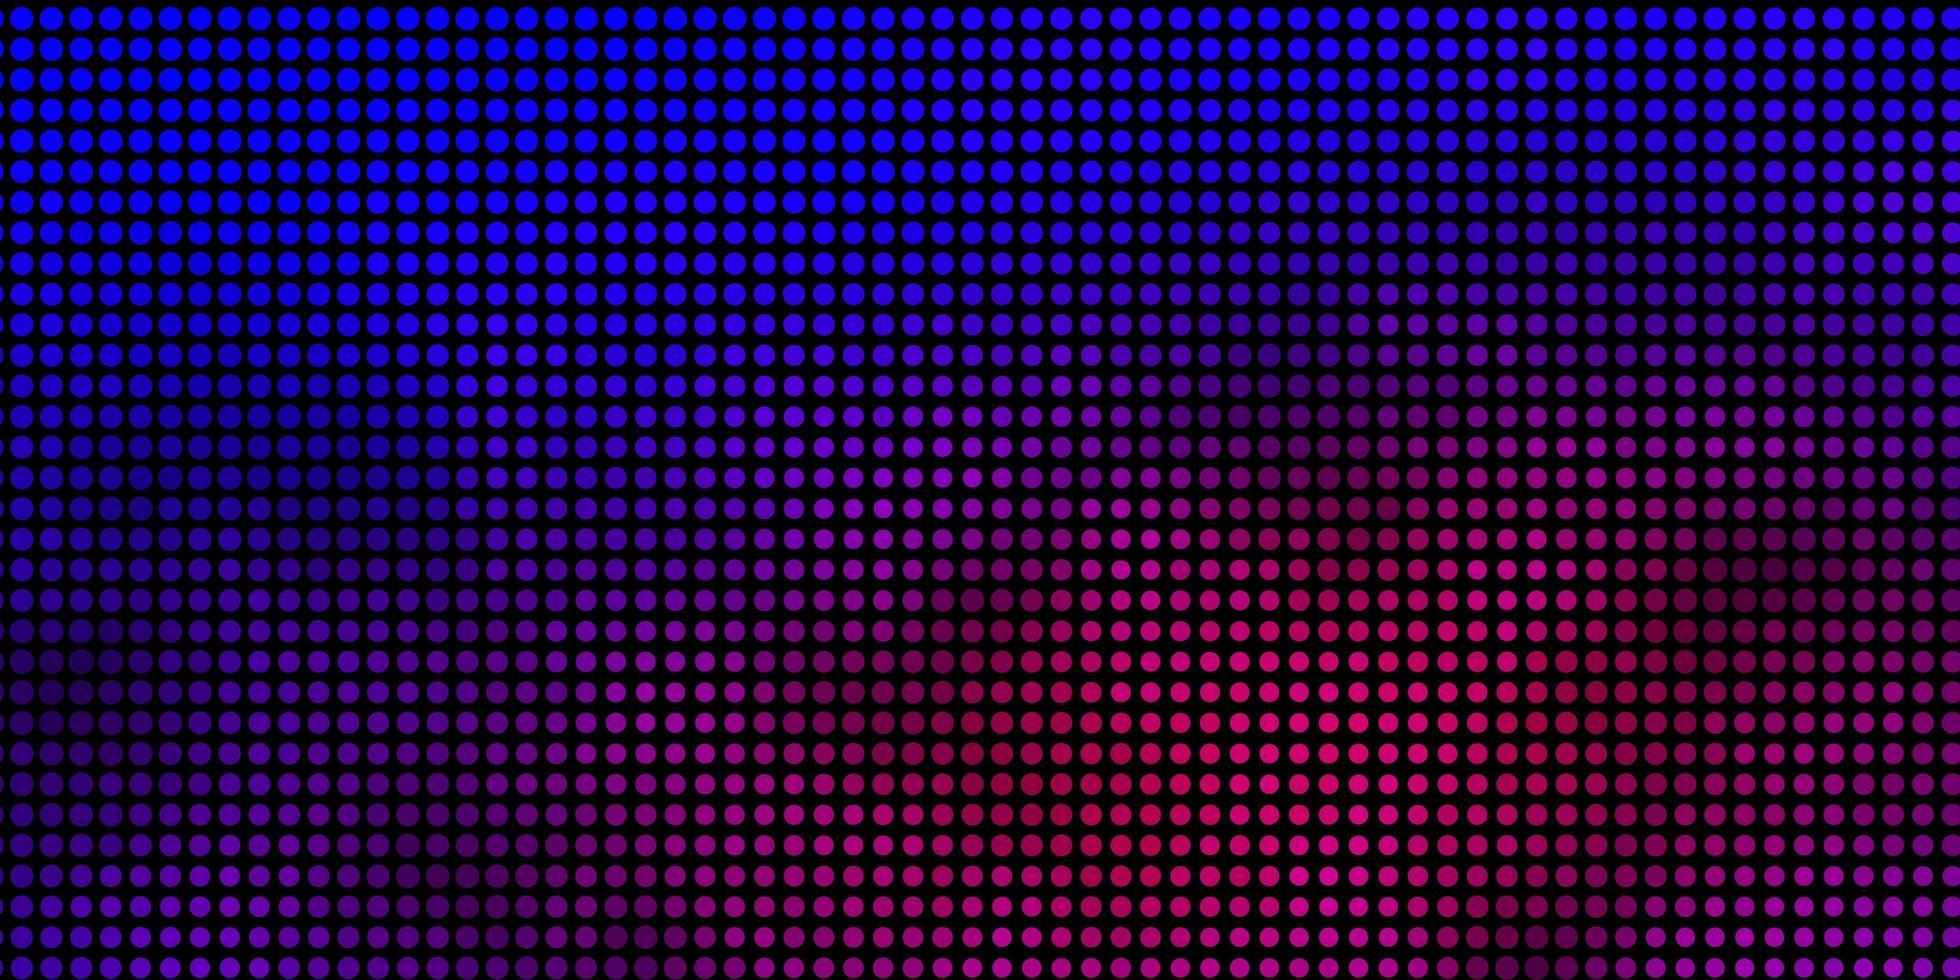 fundo vector azul e vermelho claro com bolhas.